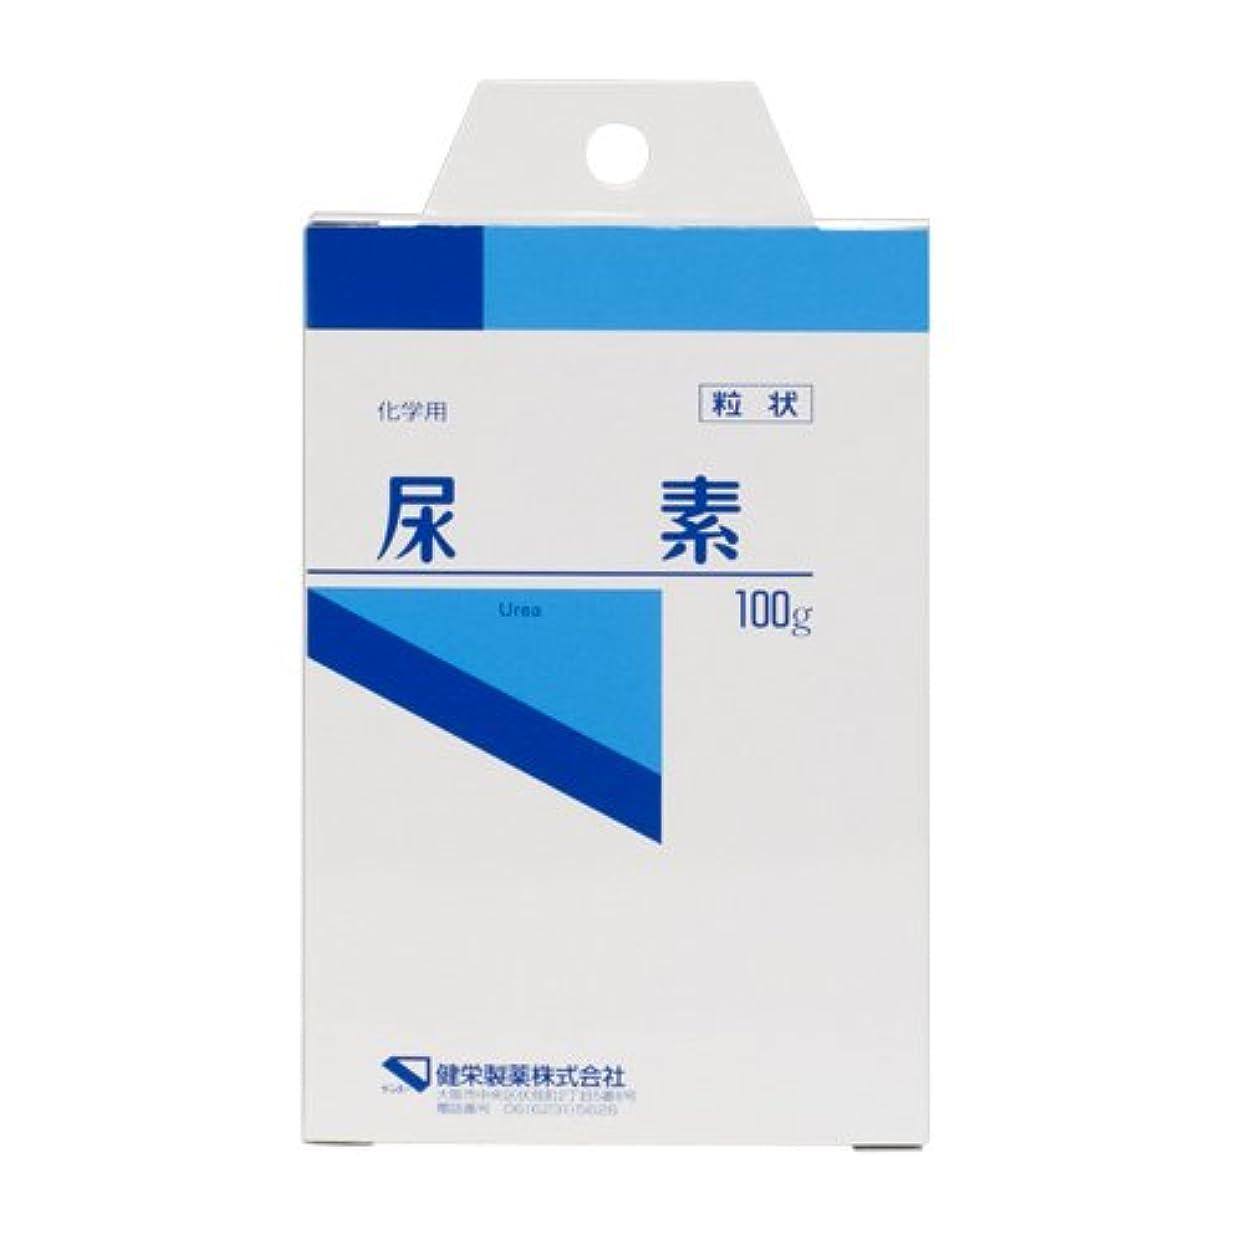 褒賞第二適切な尿素(粒状) 100g